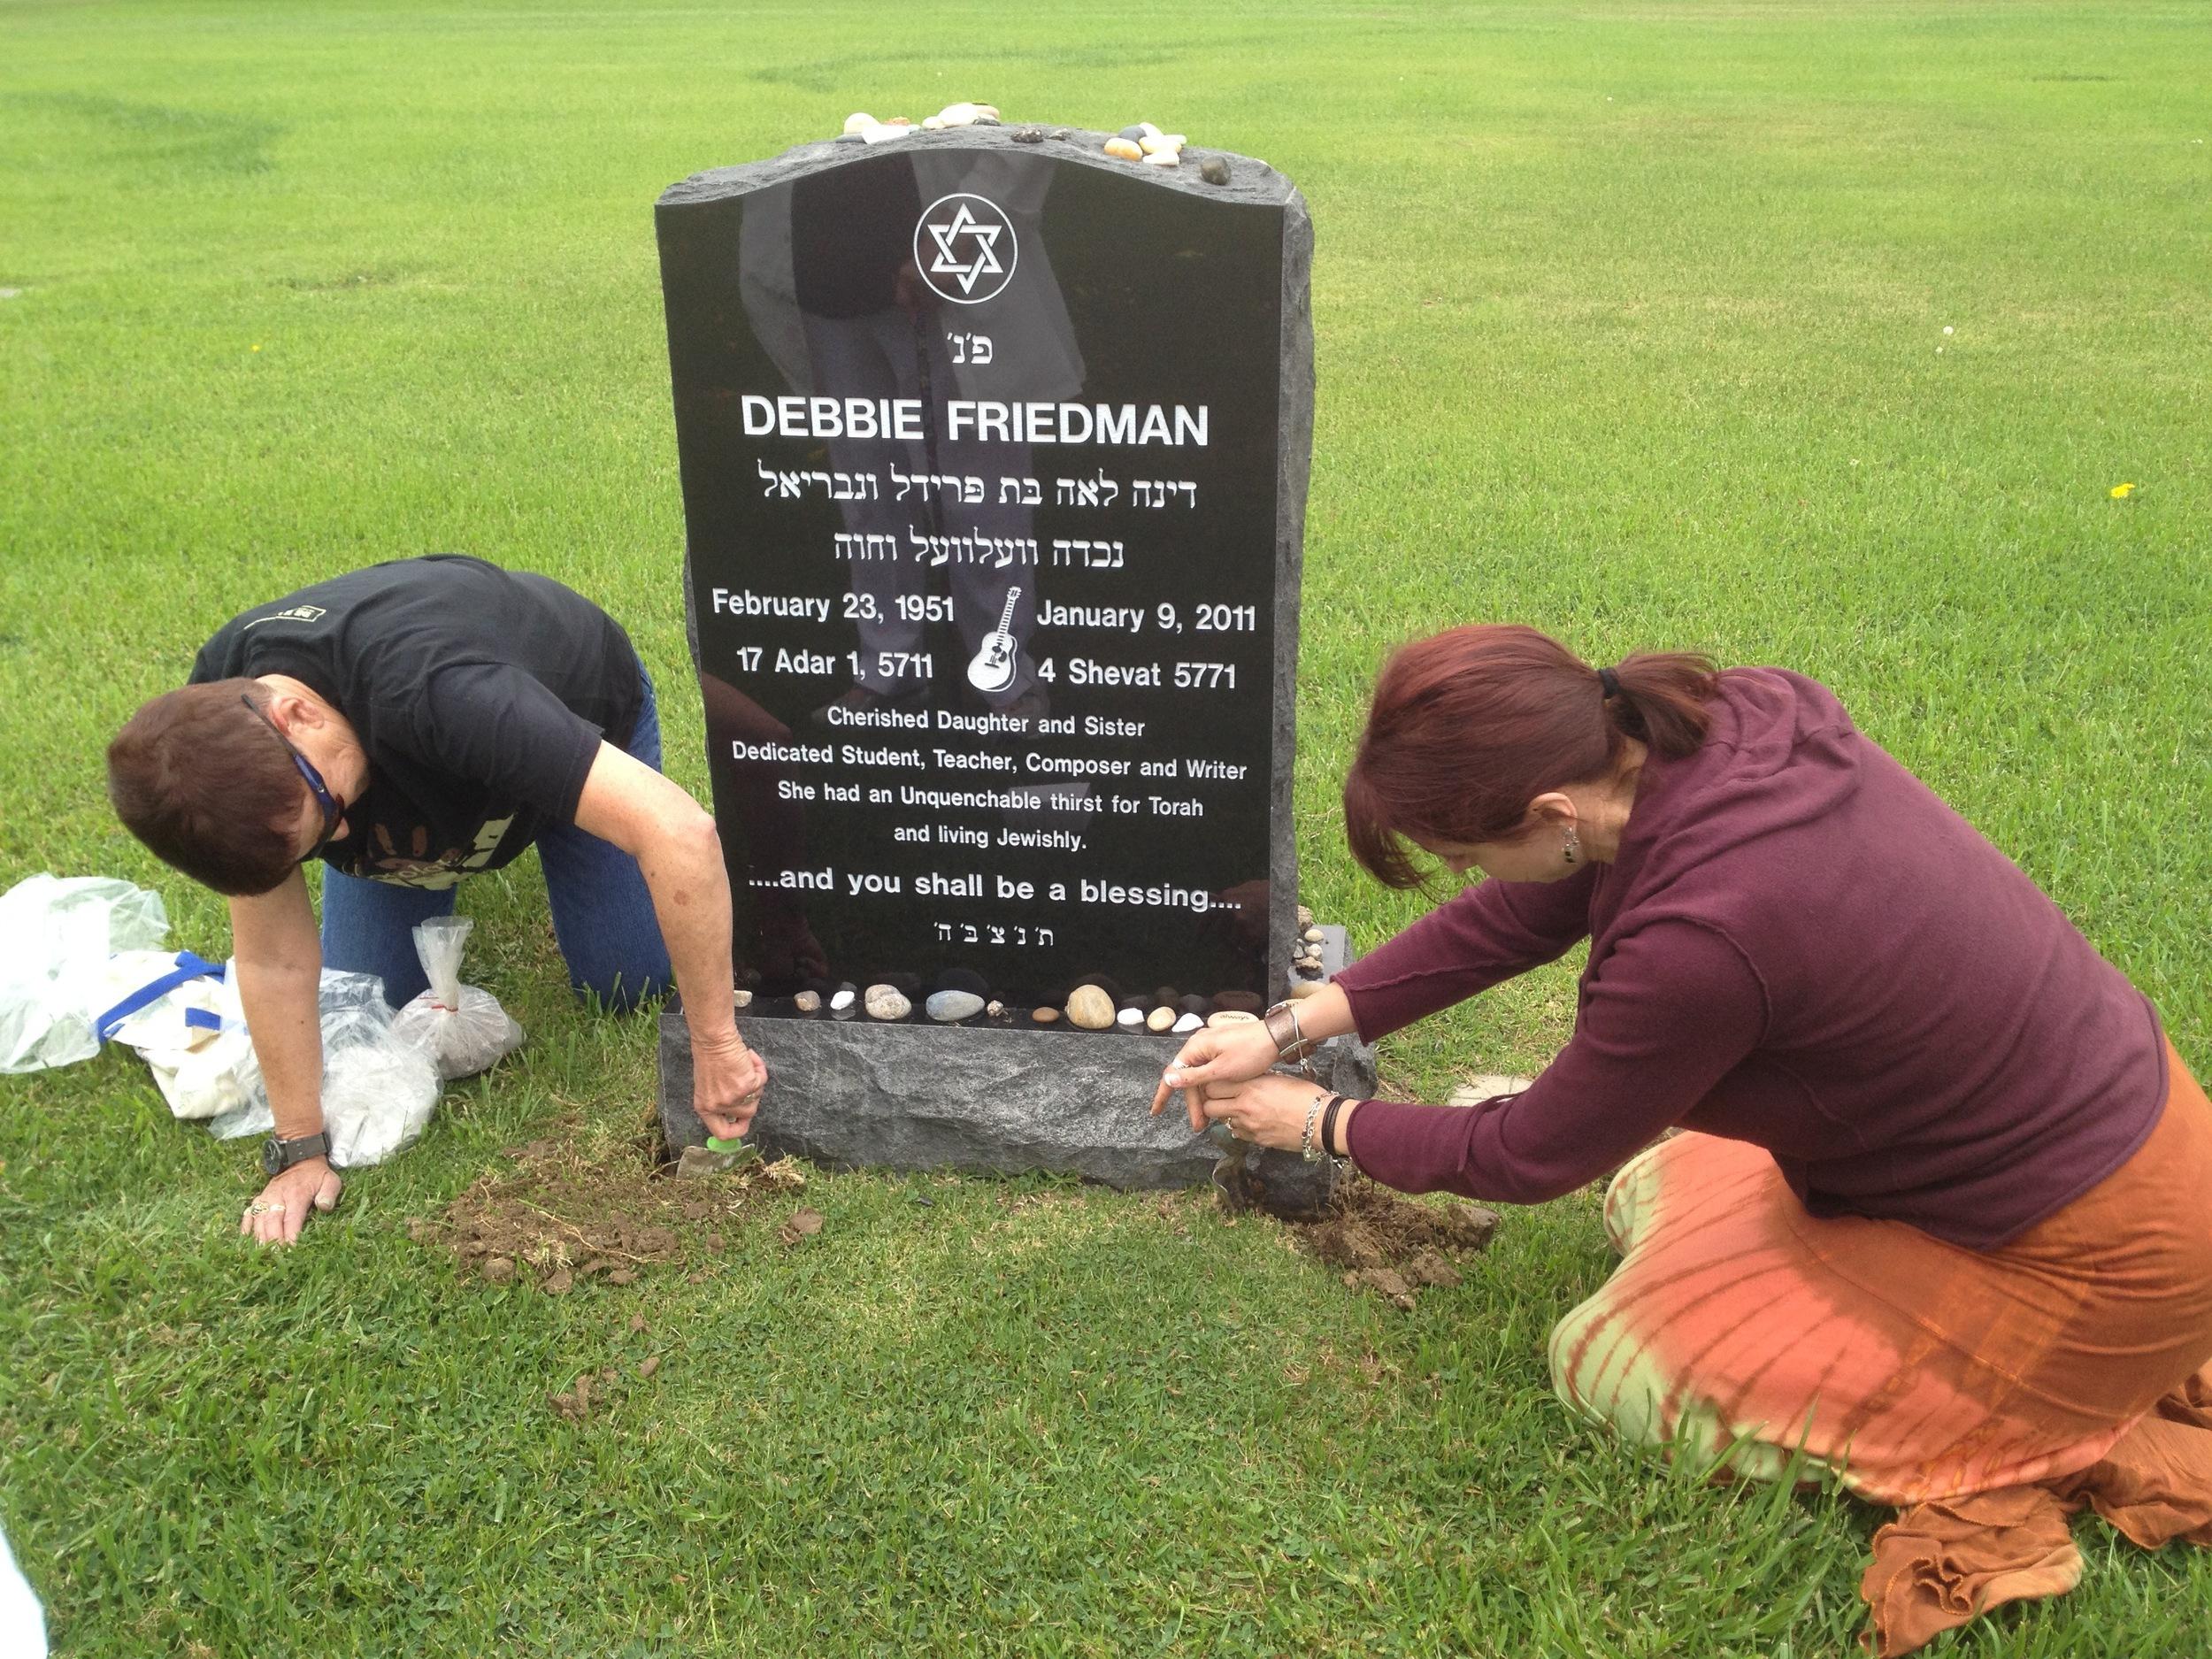 Laying Debbie's beloved dog, Gribeniz, to rest near Debbie.